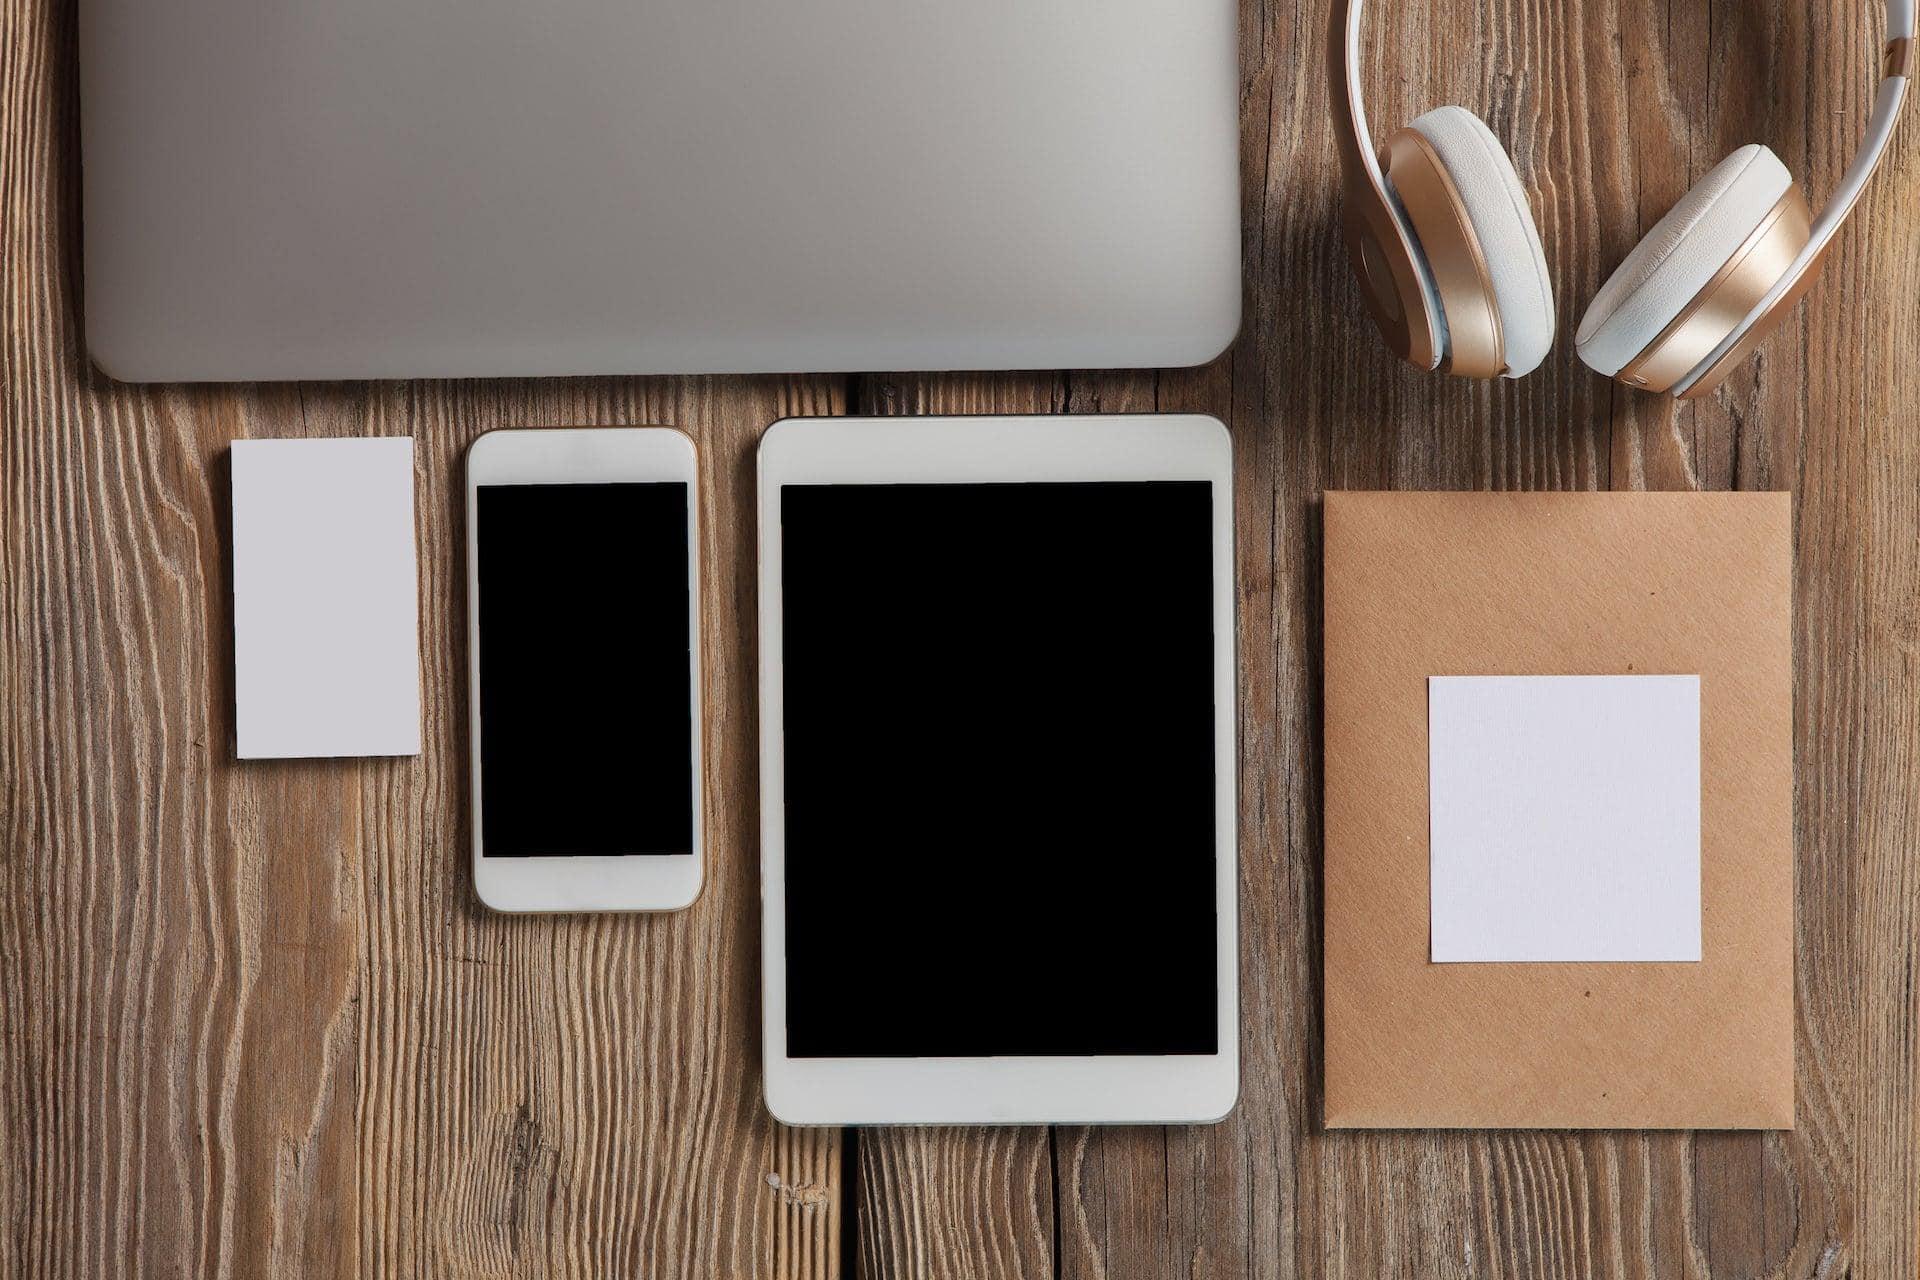 Interfaccia mobile per tutti i dispositivi